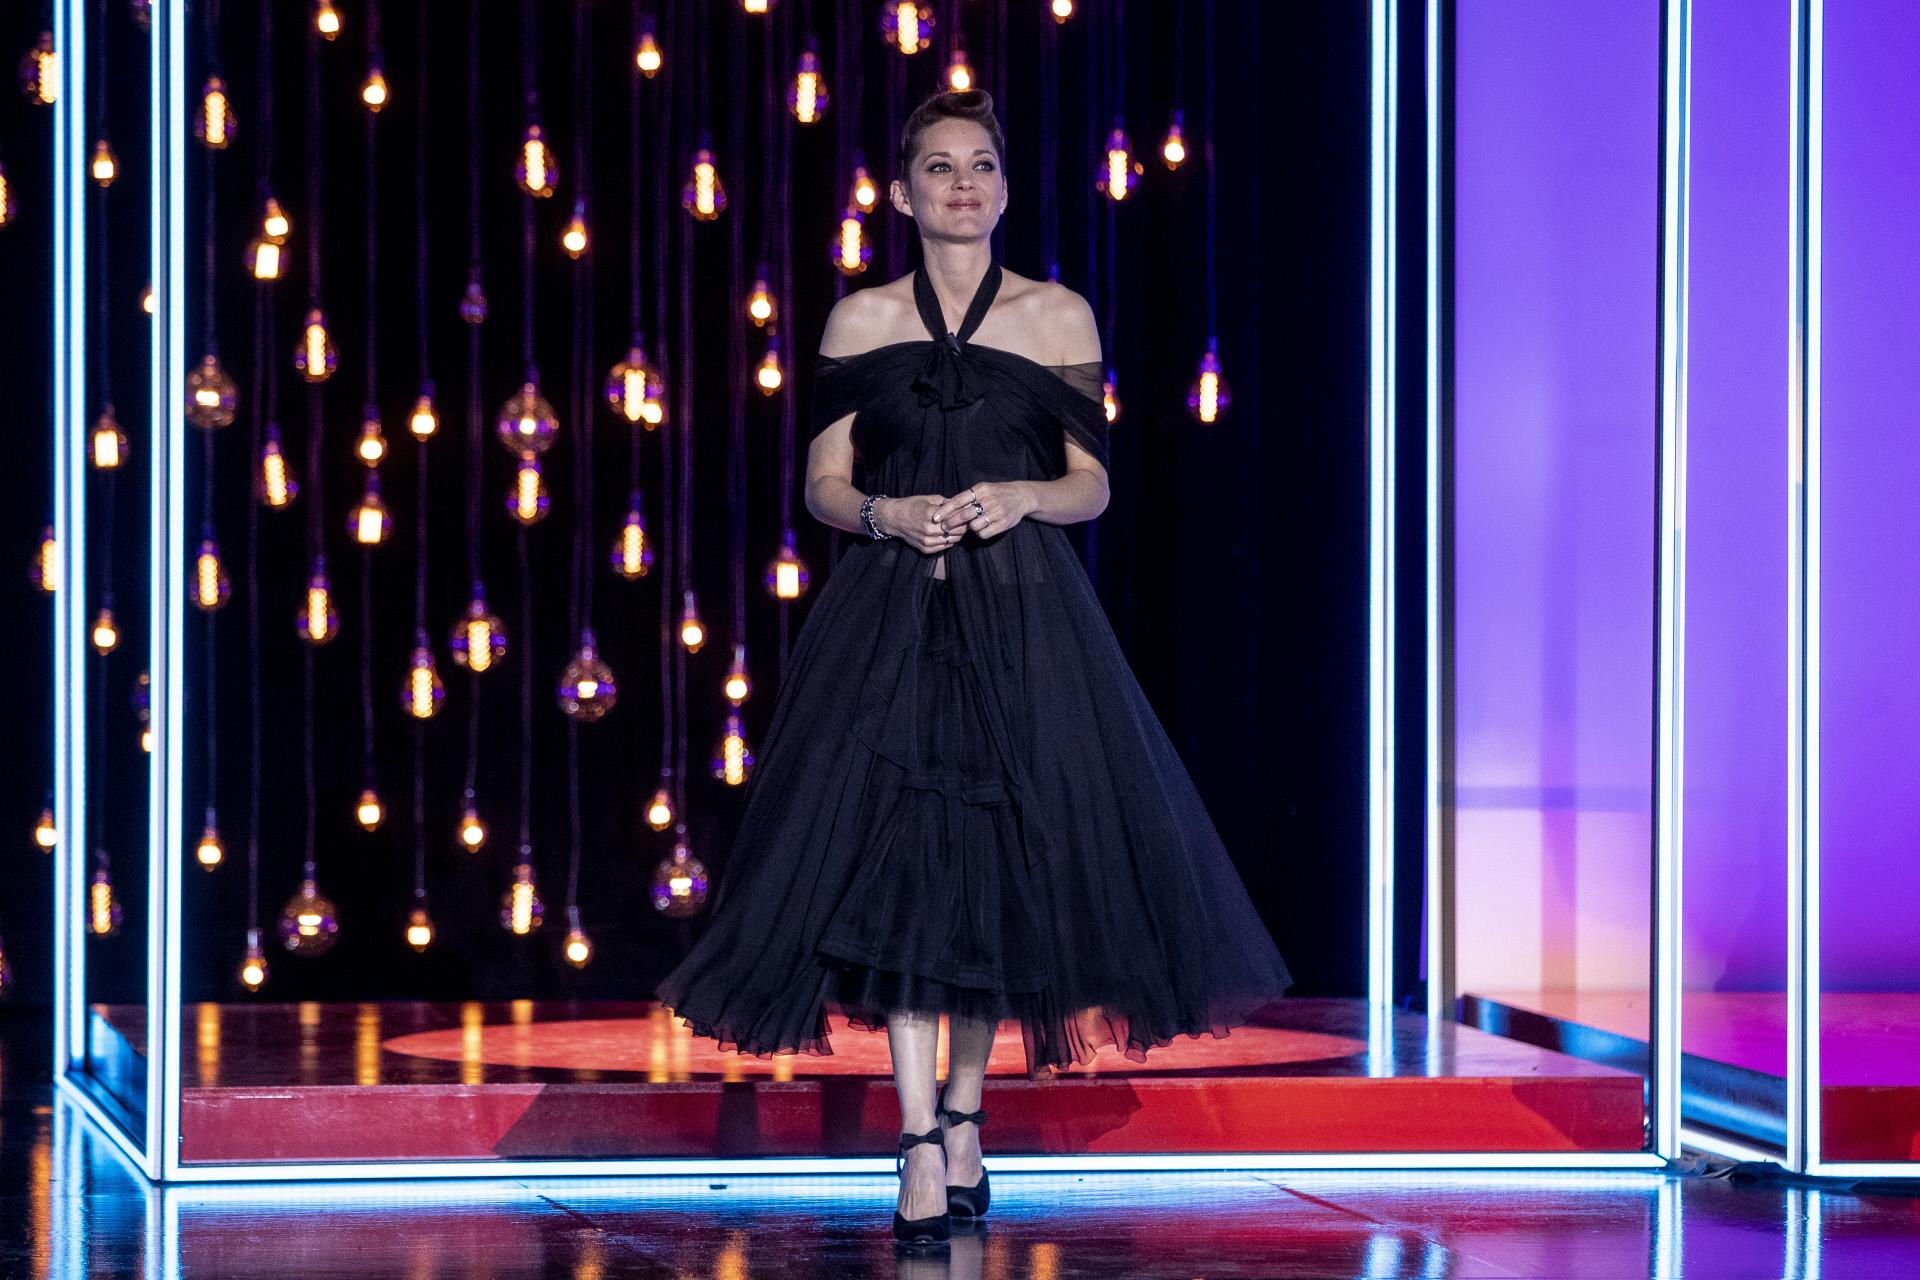 Recogiendo el premio en un Chanel alta costura al que cambió los zapatos para no emular el total look del desfile